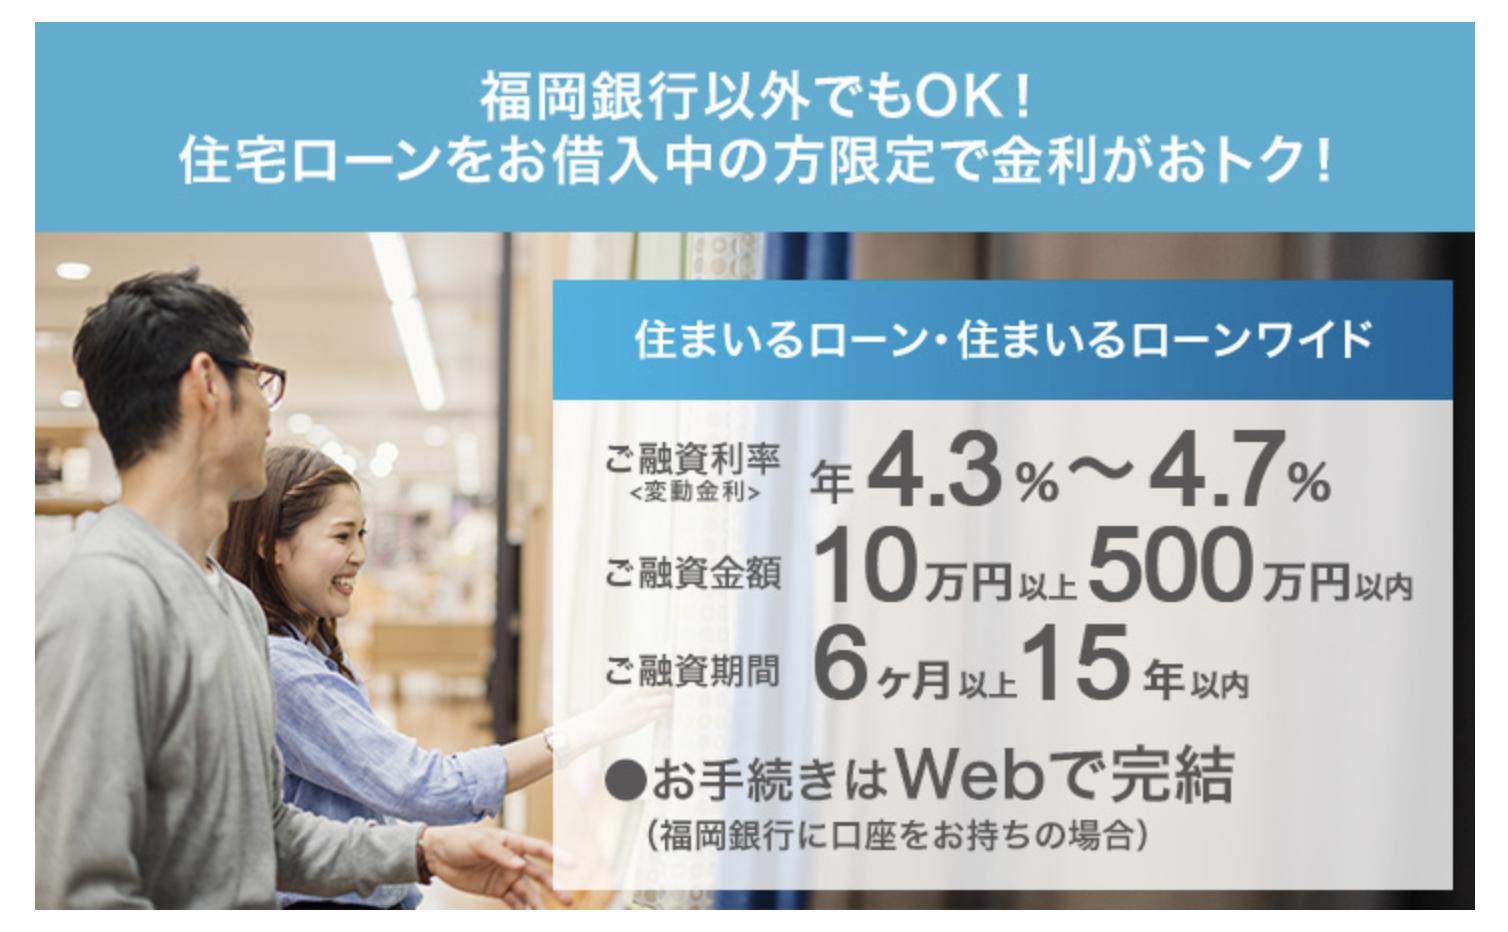 福岡銀行の「ナイスカバー・住まいるローン・住まいるローンワイド」